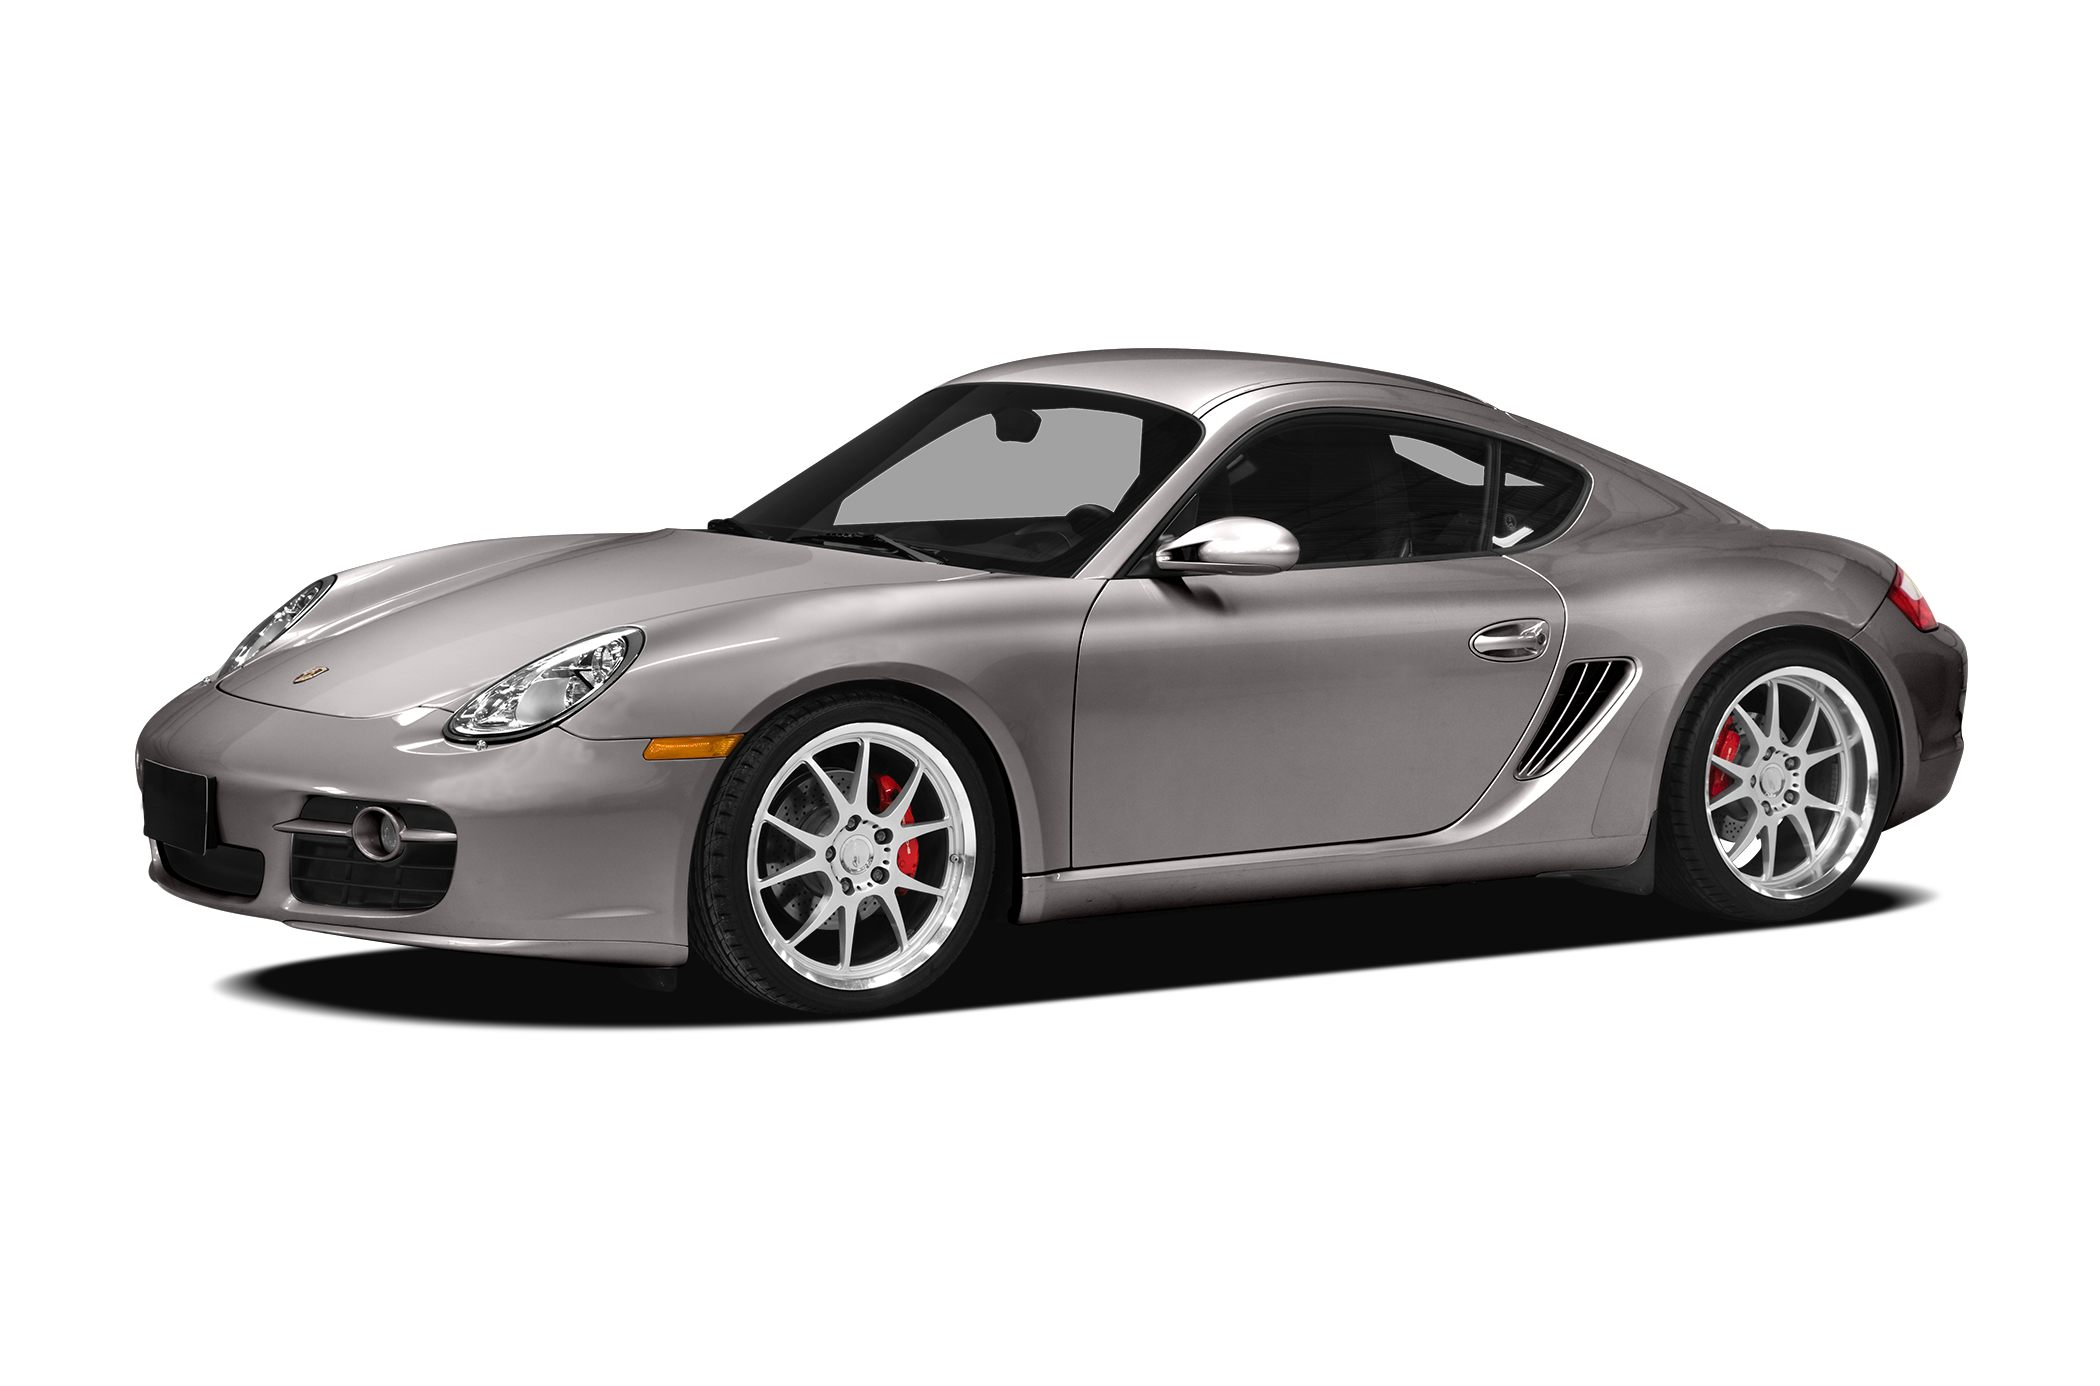 Porsche Cayman S Quot Porsche Design Edition 1 Quot Photo Gallery